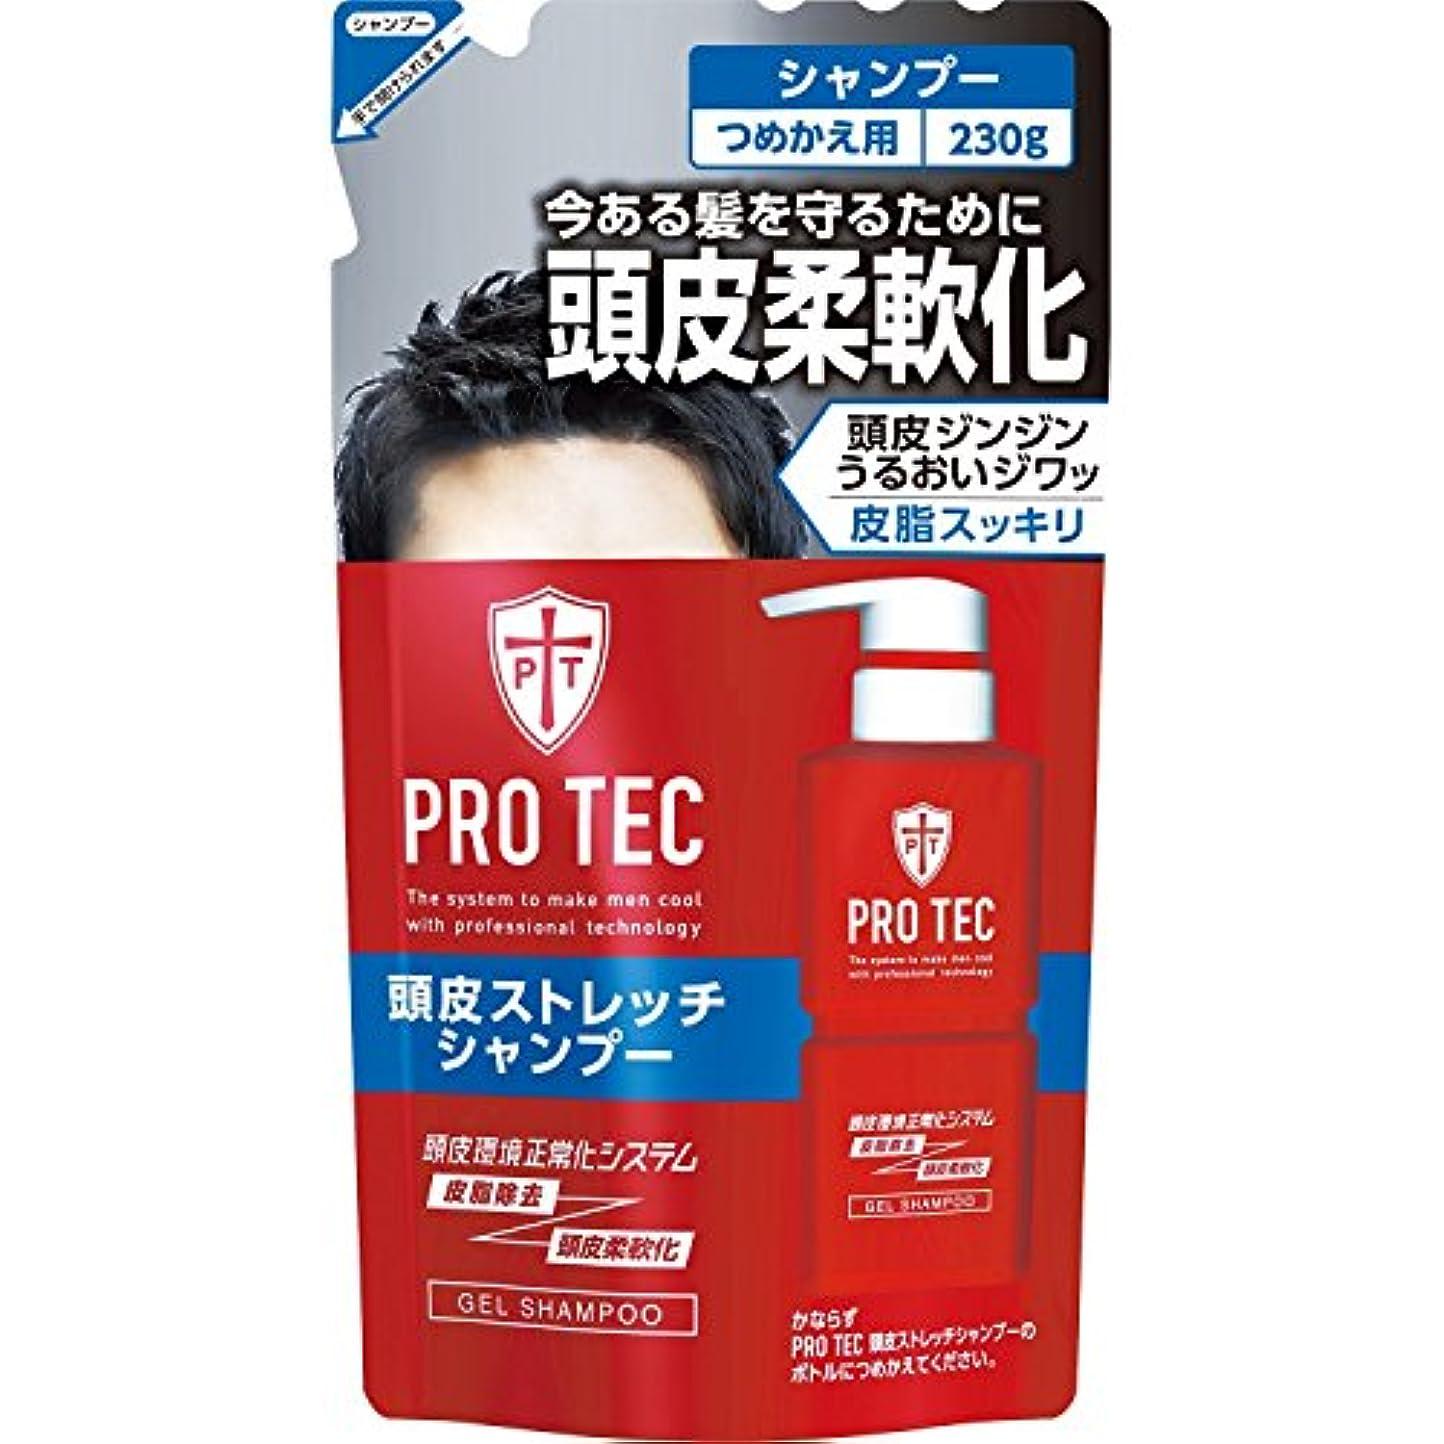 ヒステリック差し引くレンダーPRO TEC(プロテク) 頭皮ストレッチ シャンプー 詰め替え 230g(医薬部外品)